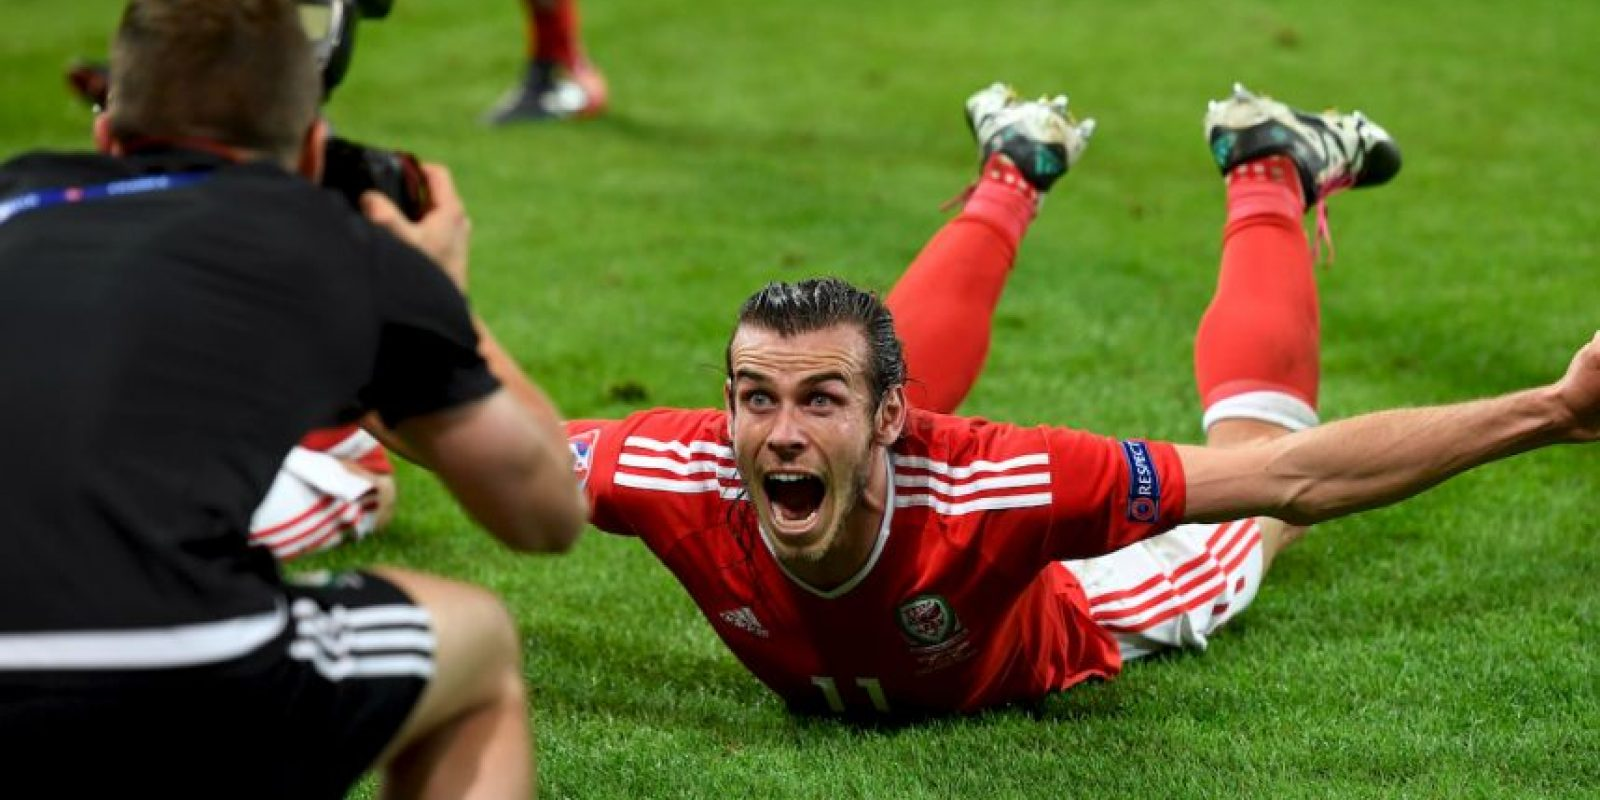 Fue clave para que su equipo llegue hasta semifinales y tuvo un gran encuentro en la victoria por 3 a 1 ante Bélgica en los cuartos de final Foto:Getty Images